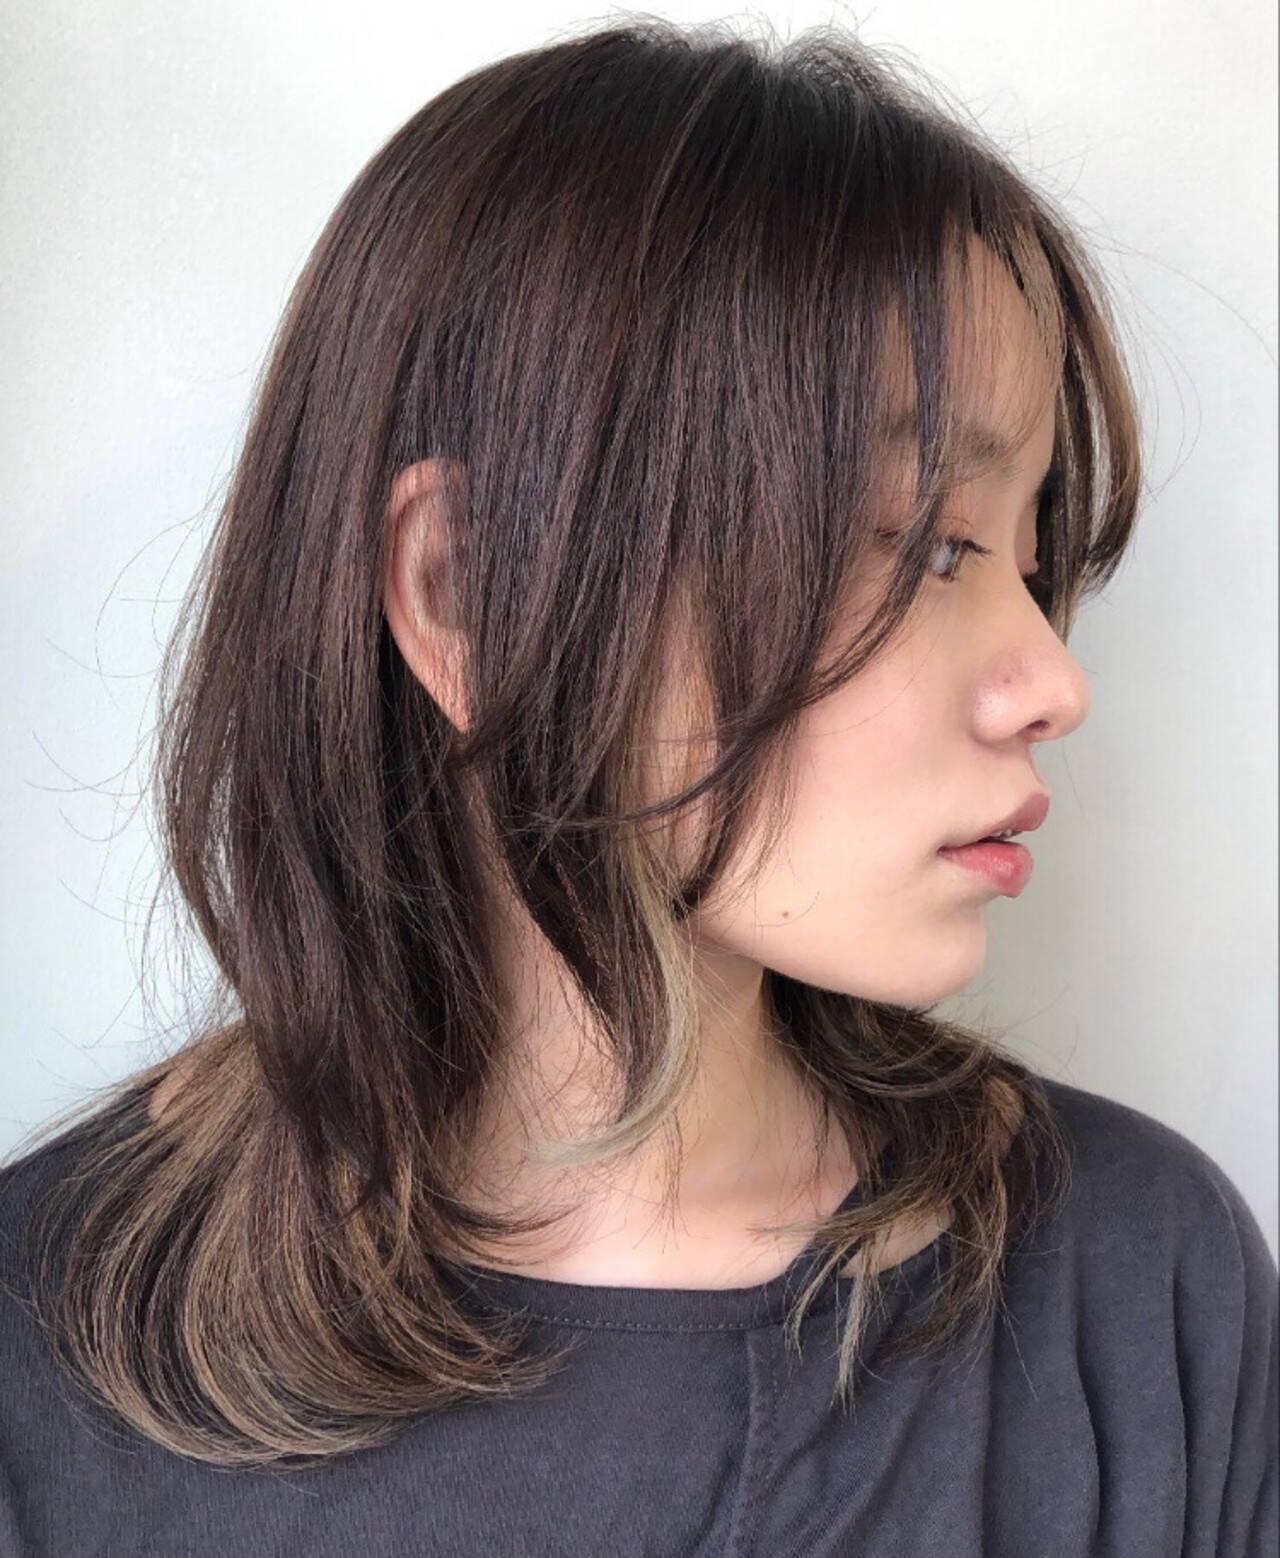 ニュアンスウルフ フェミニンウルフ ニュアンスパーマ インナーカラーヘアスタイルや髪型の写真・画像